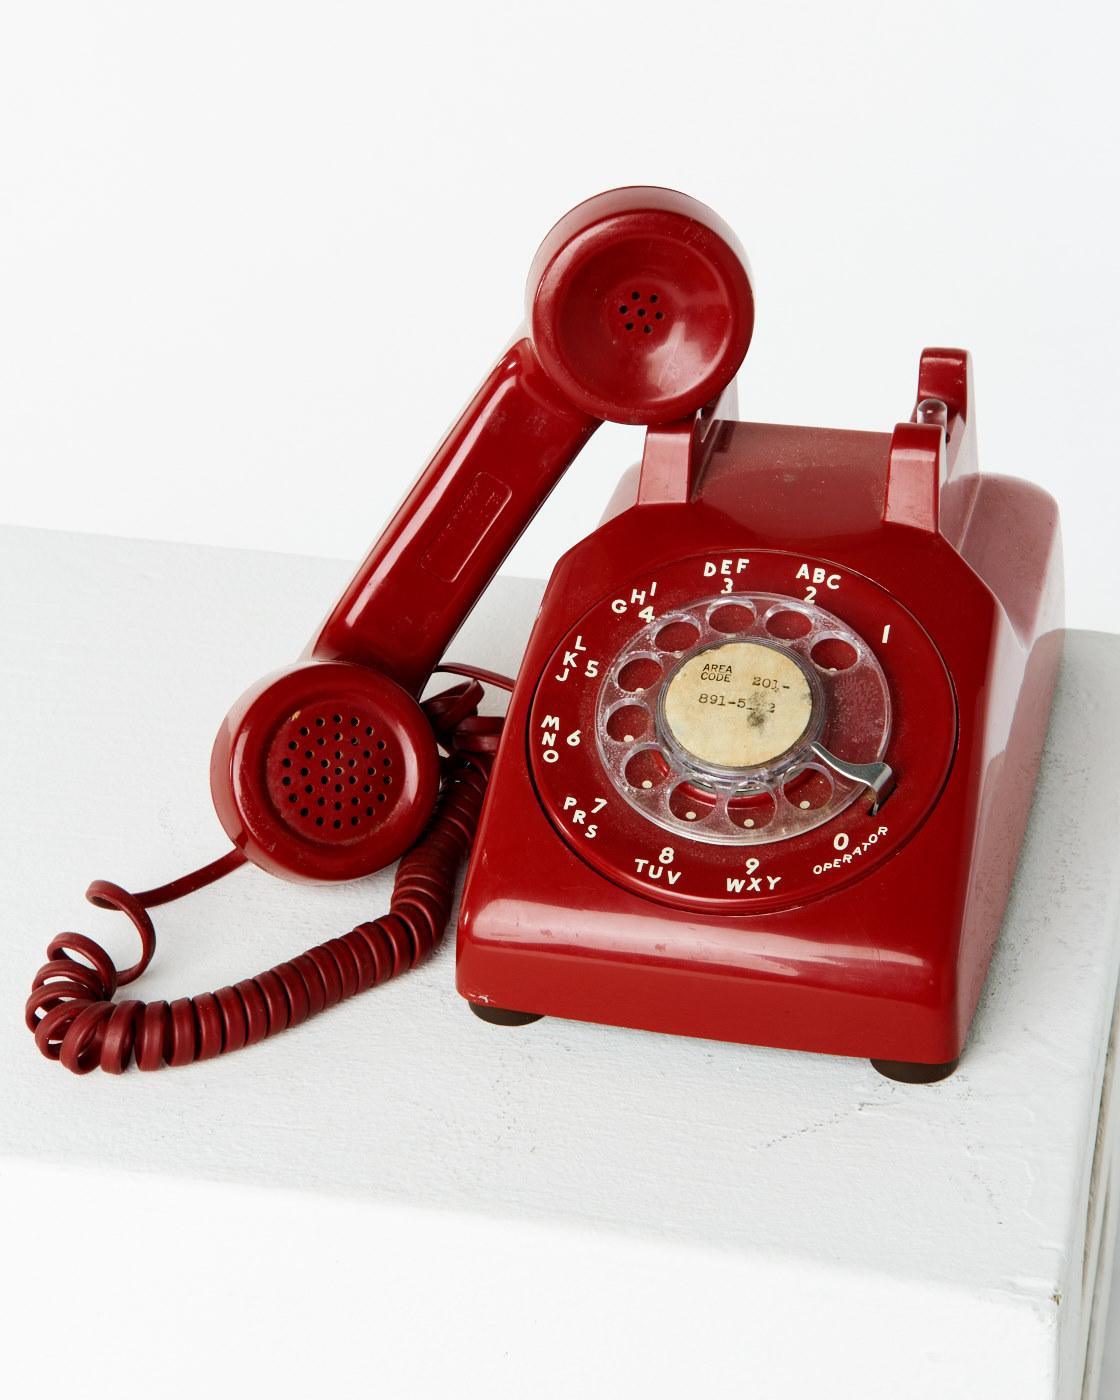 Te010 Red Rotary Phone Prop Rental Acme Brooklyn